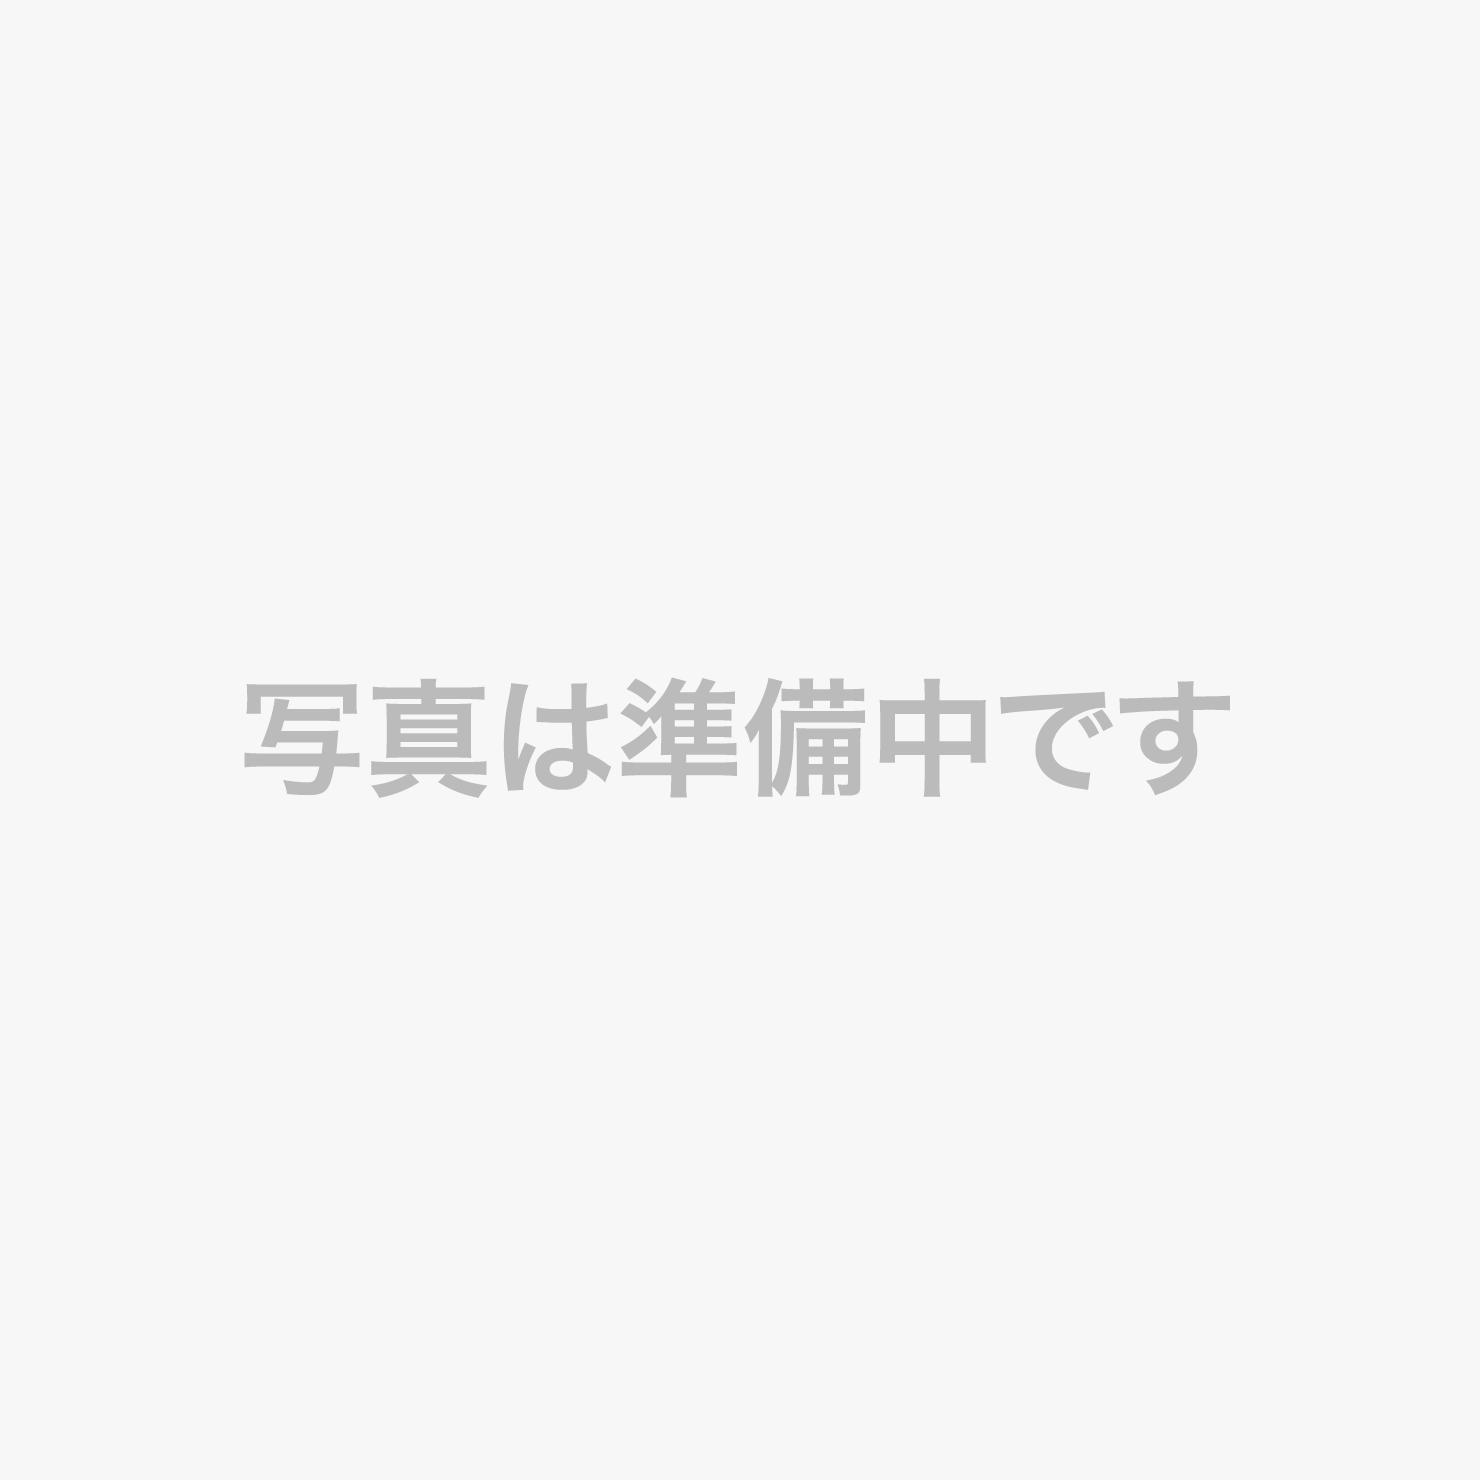 ◆焼物/真名鰹西京焼、伊豆鹿ローストなど(2020年9月お食事イメージ)